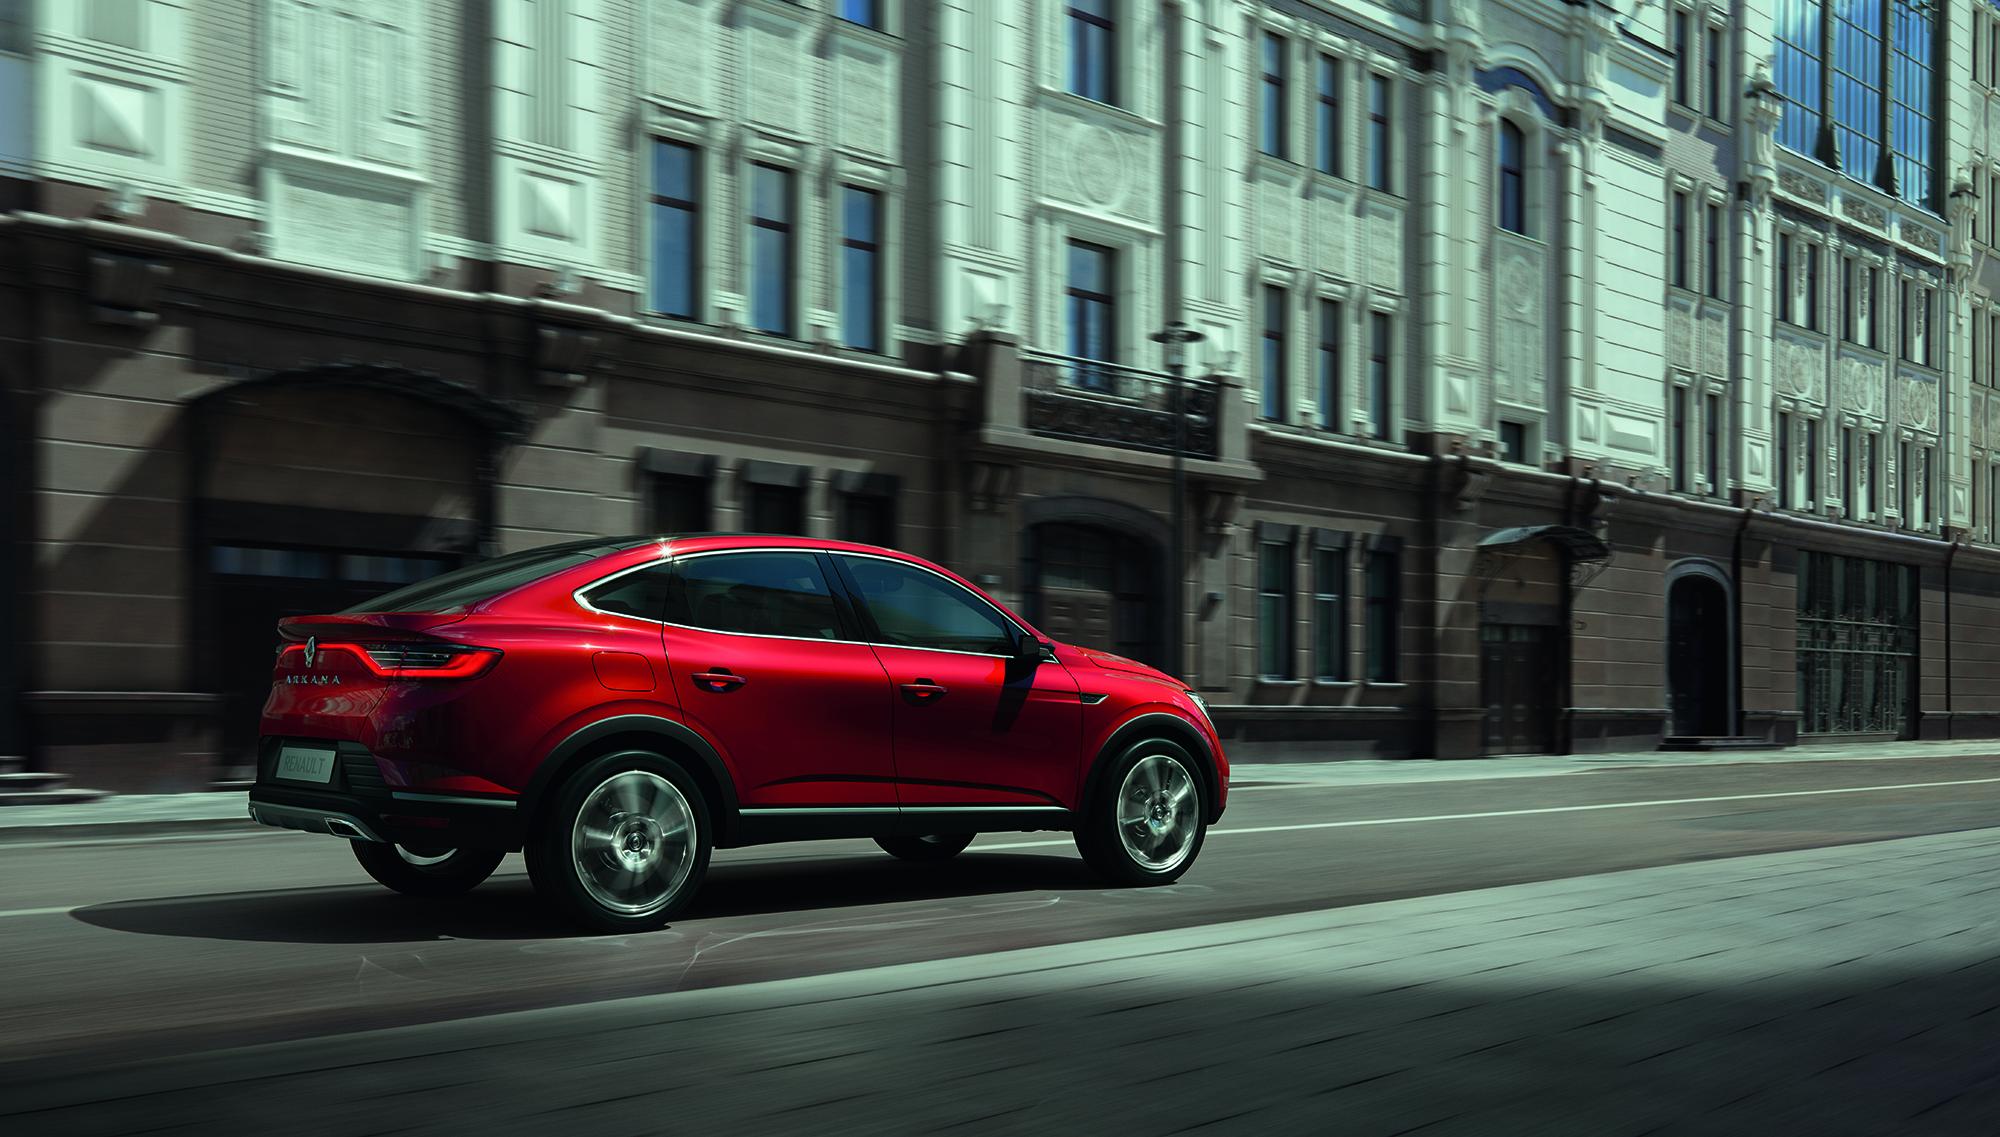 Εντελώς Νέο Renault Arkana: Πρεμιέρα για το συναρπαστικό SUV coupe